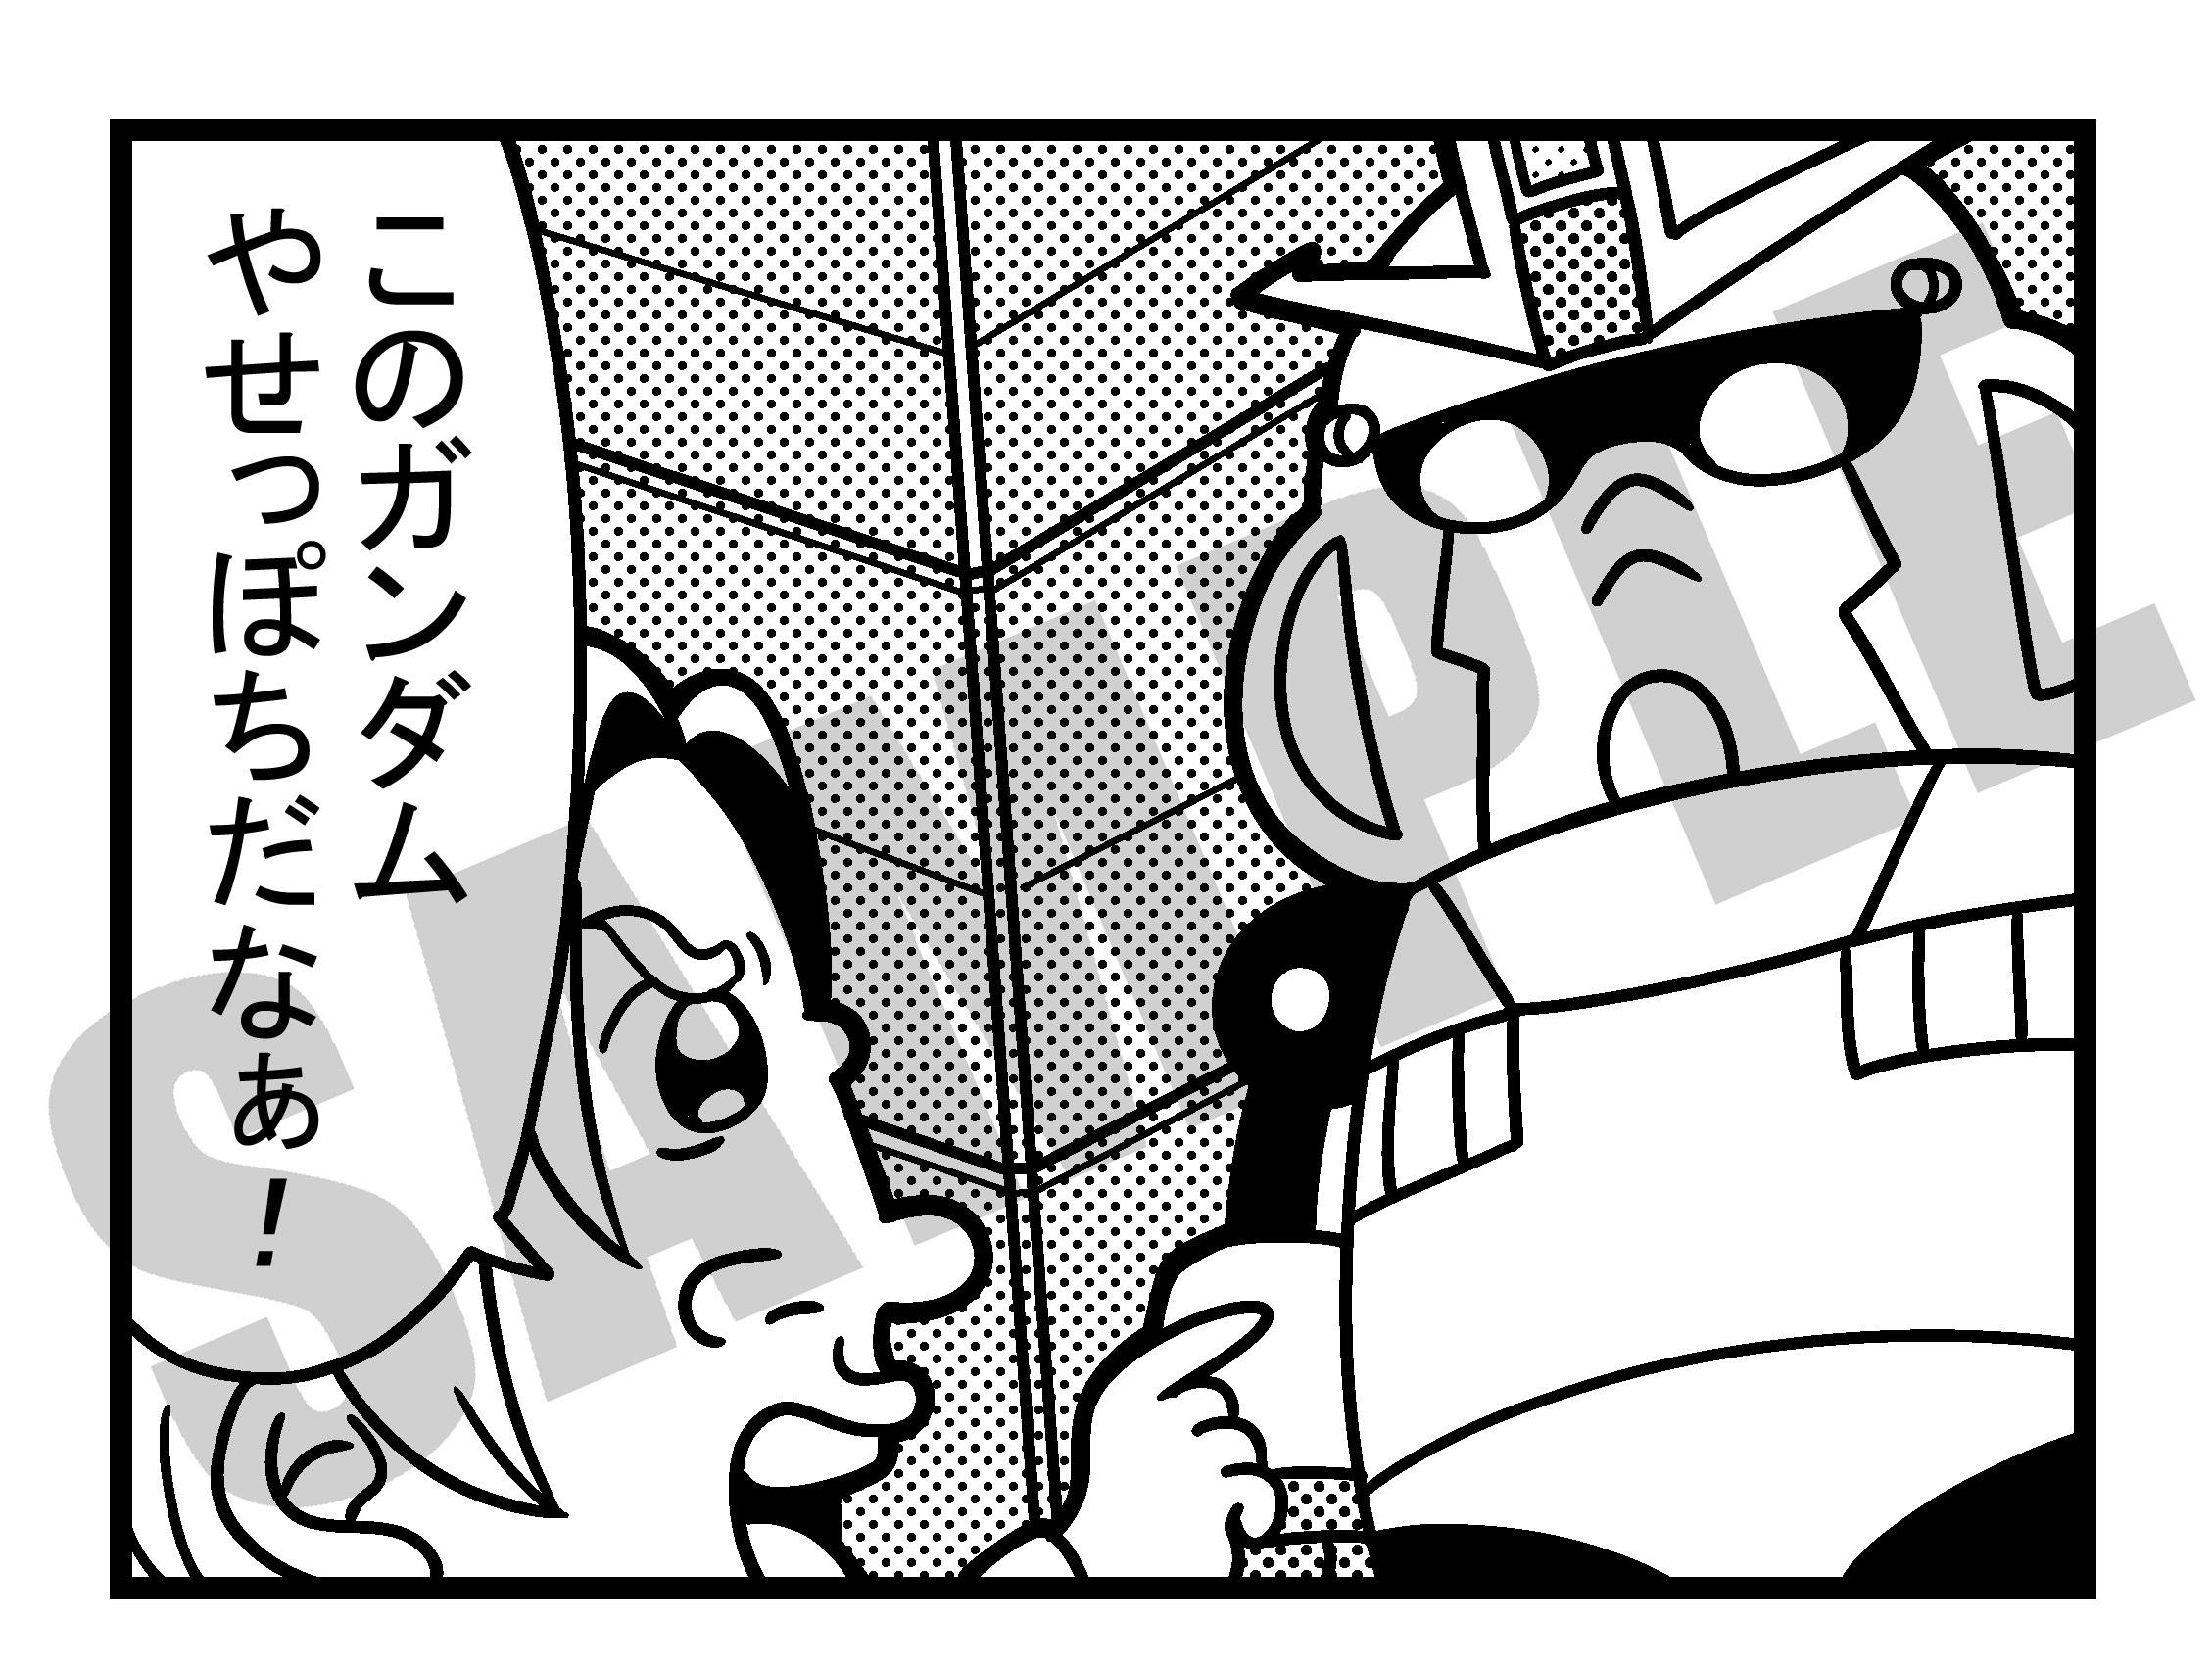 9週目入場者特典「大川ぶくぶ先生の描き下ろし漫画」